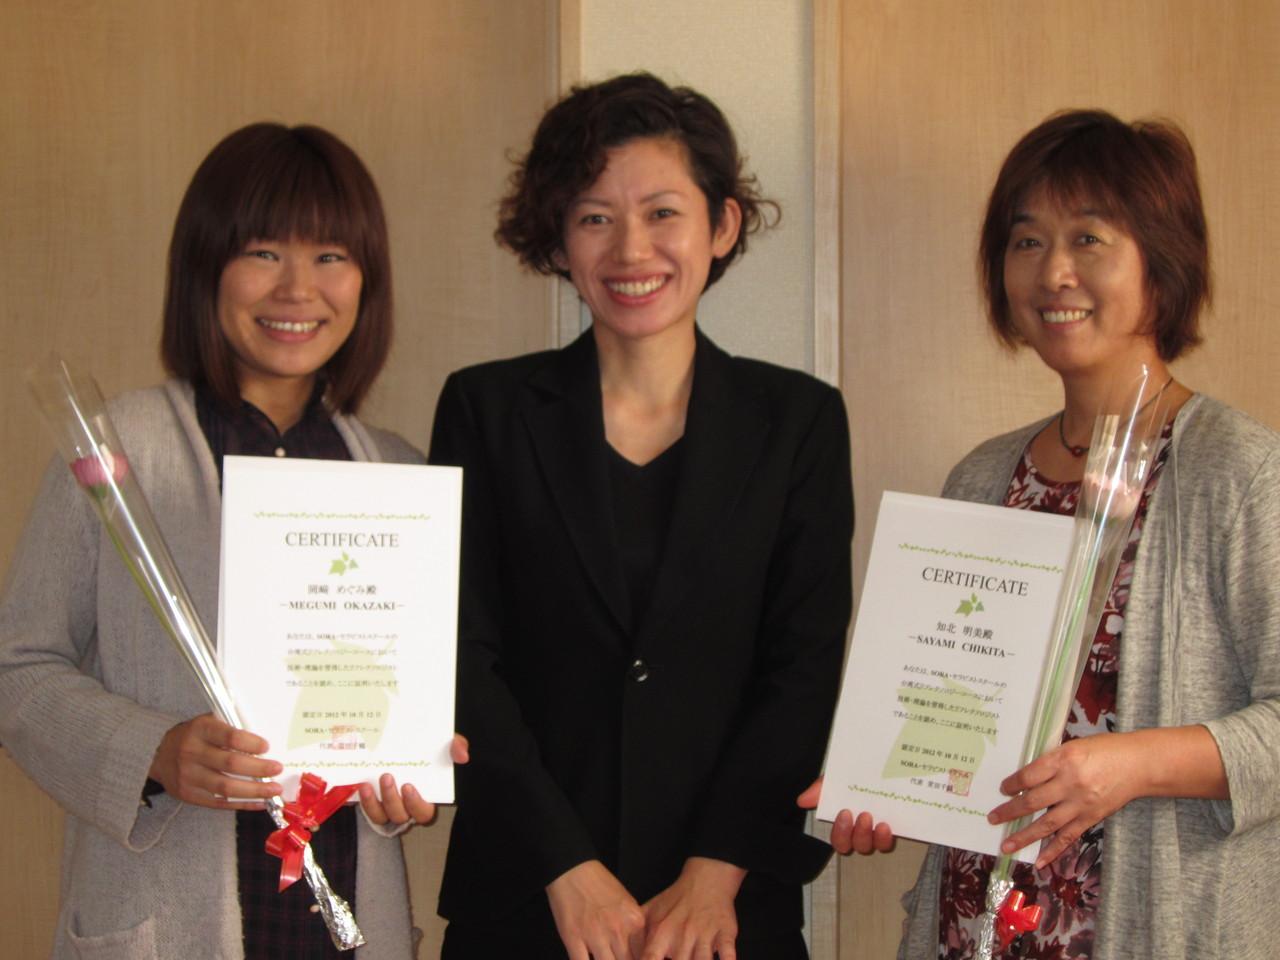 2012年10月12日台湾式リフレクソロジーコース卒業